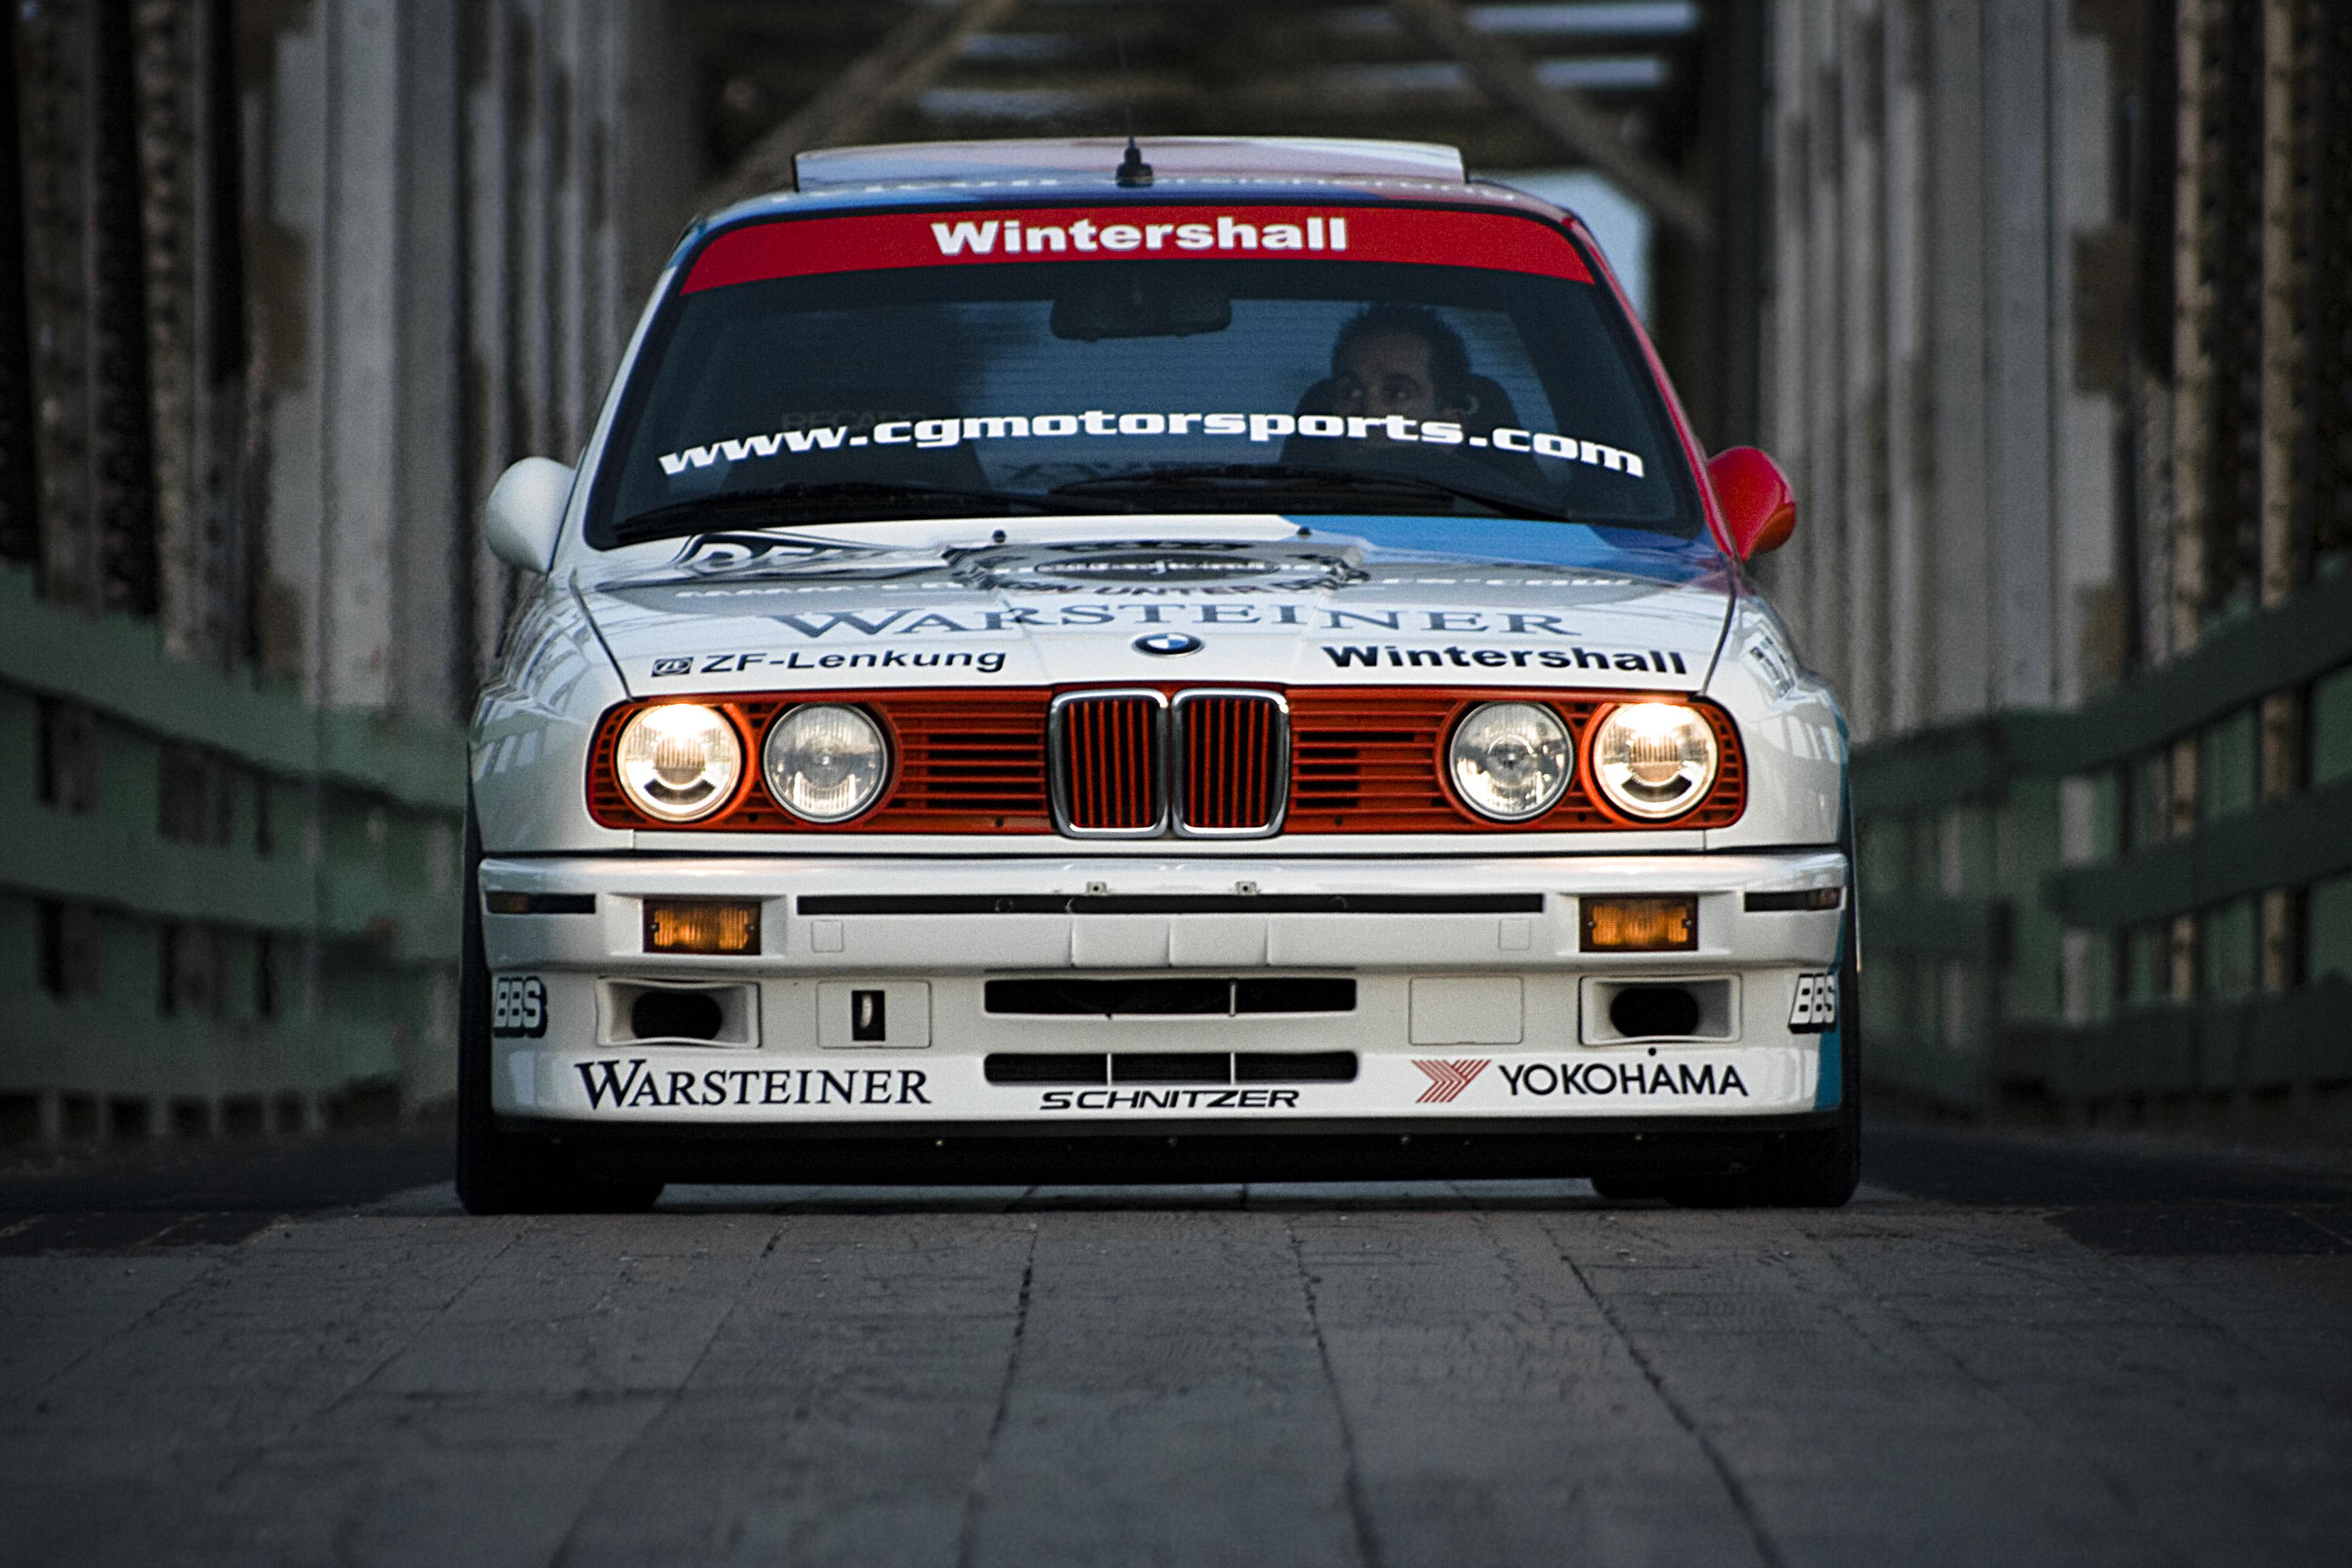 Warsteiner E30 M3 Replica Cg Motorsports